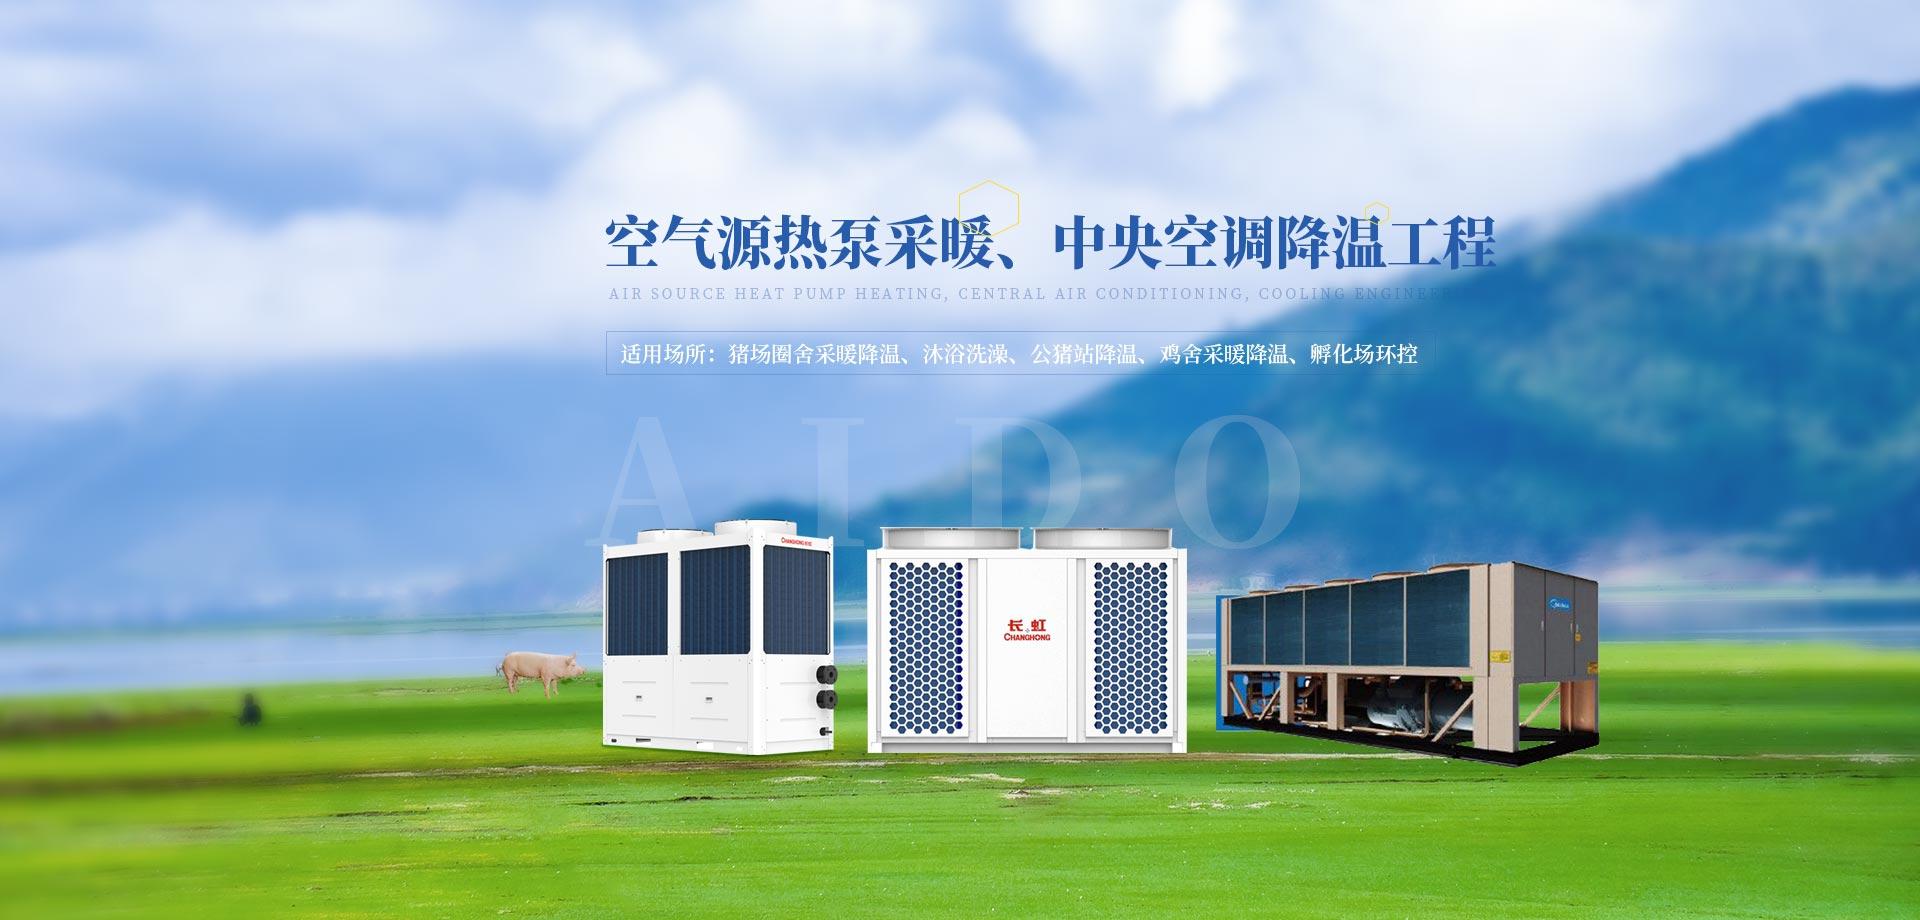 四川养殖采暖设备